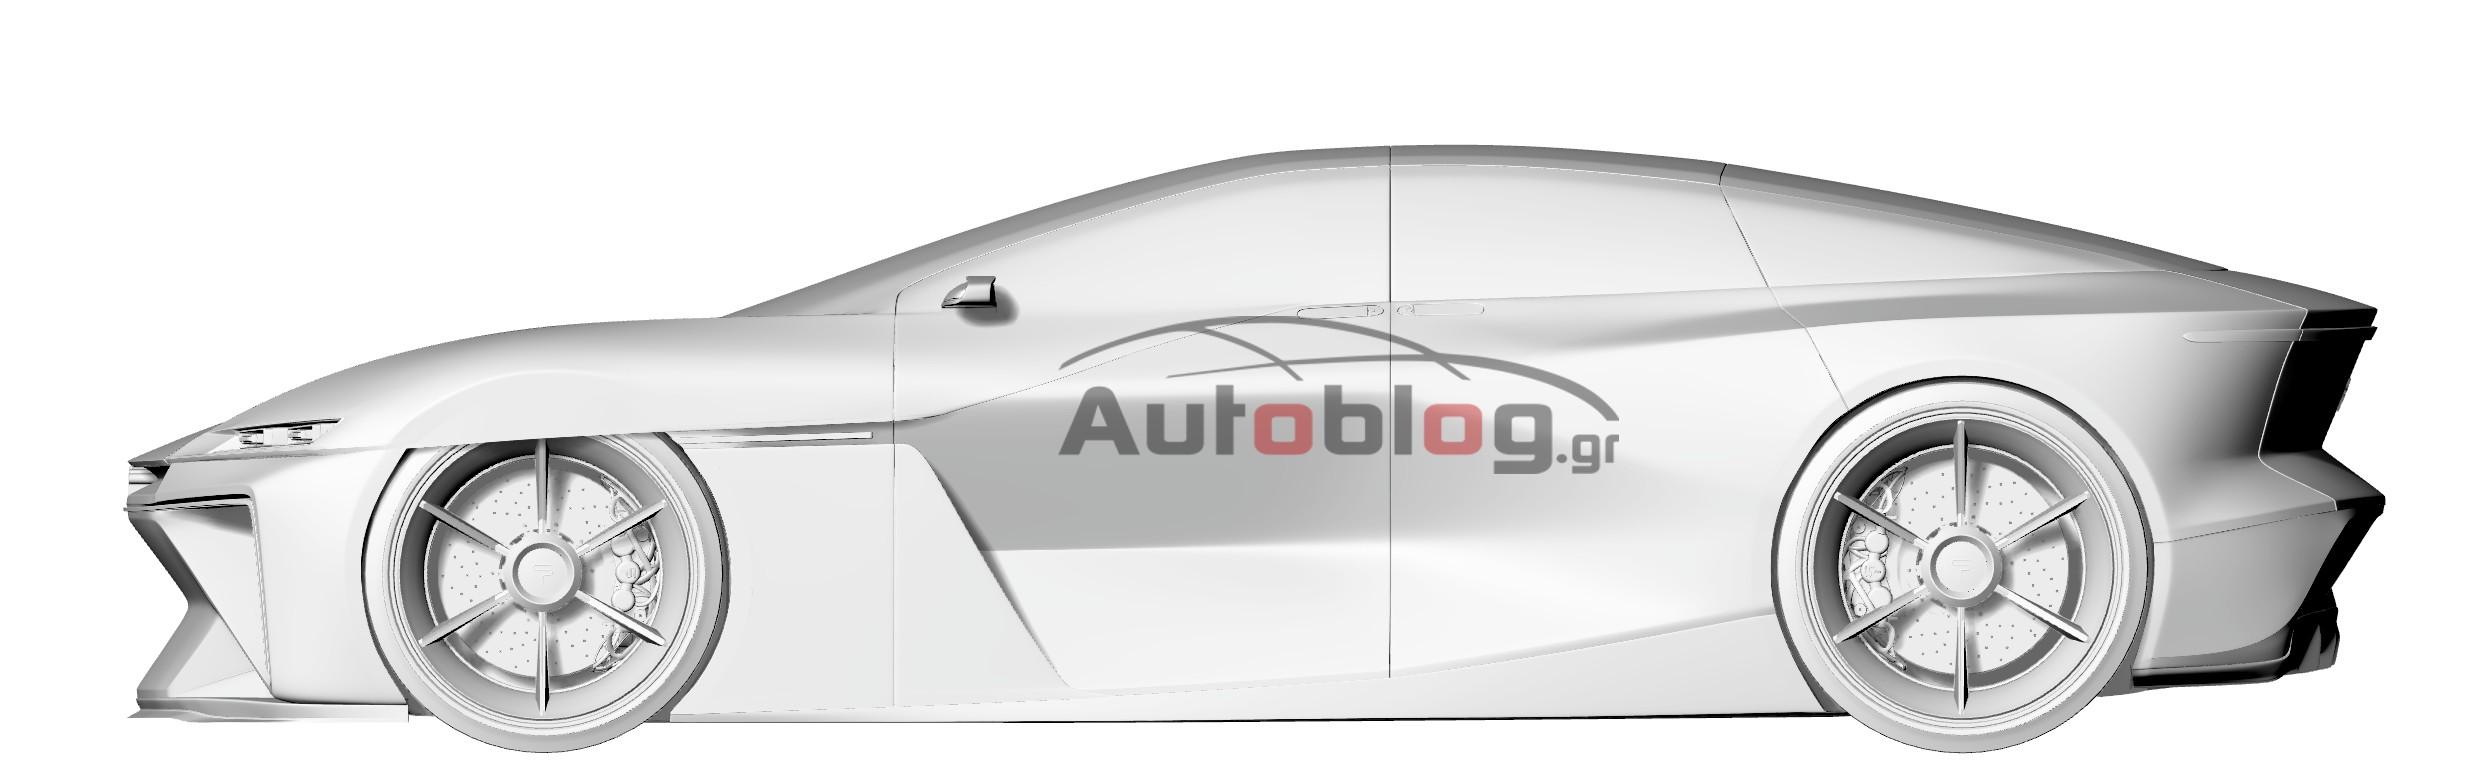 Spyros-Panopolos-SPA-Zion-4dour-coupe-hydrogen-patents-4